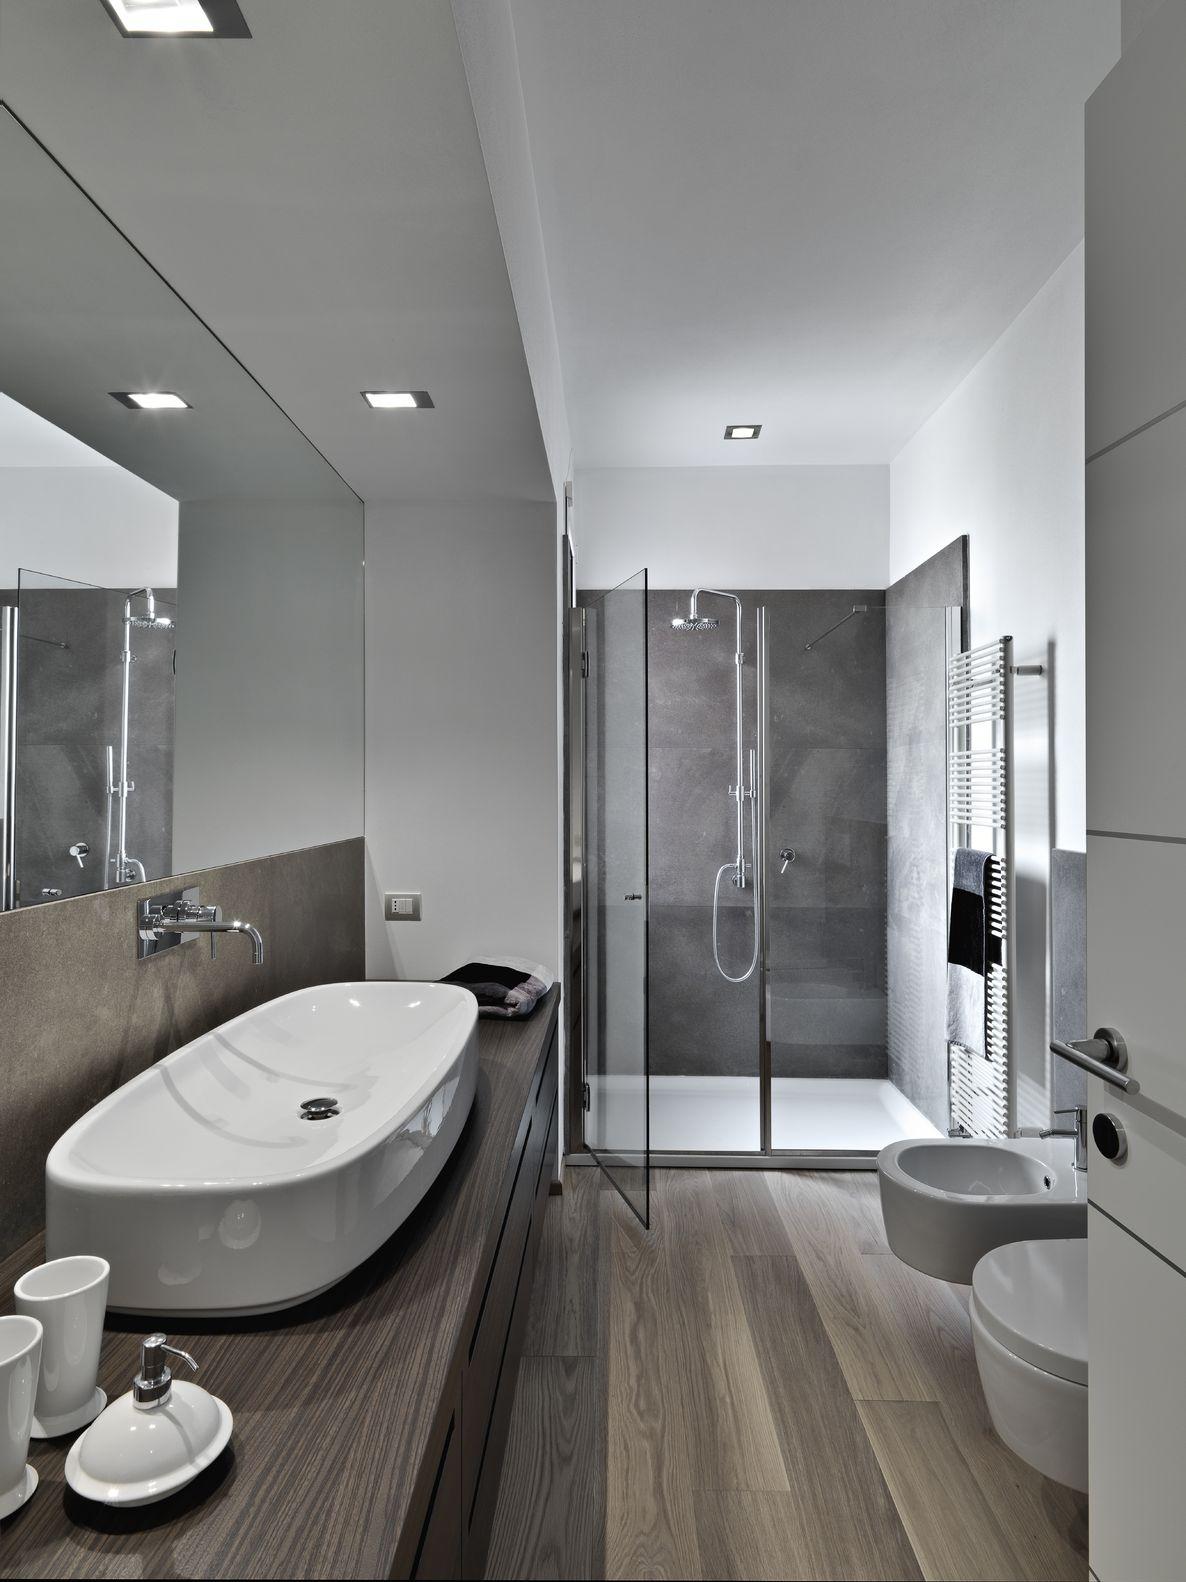 Ванная комната с душевой кабиной и ламинатом